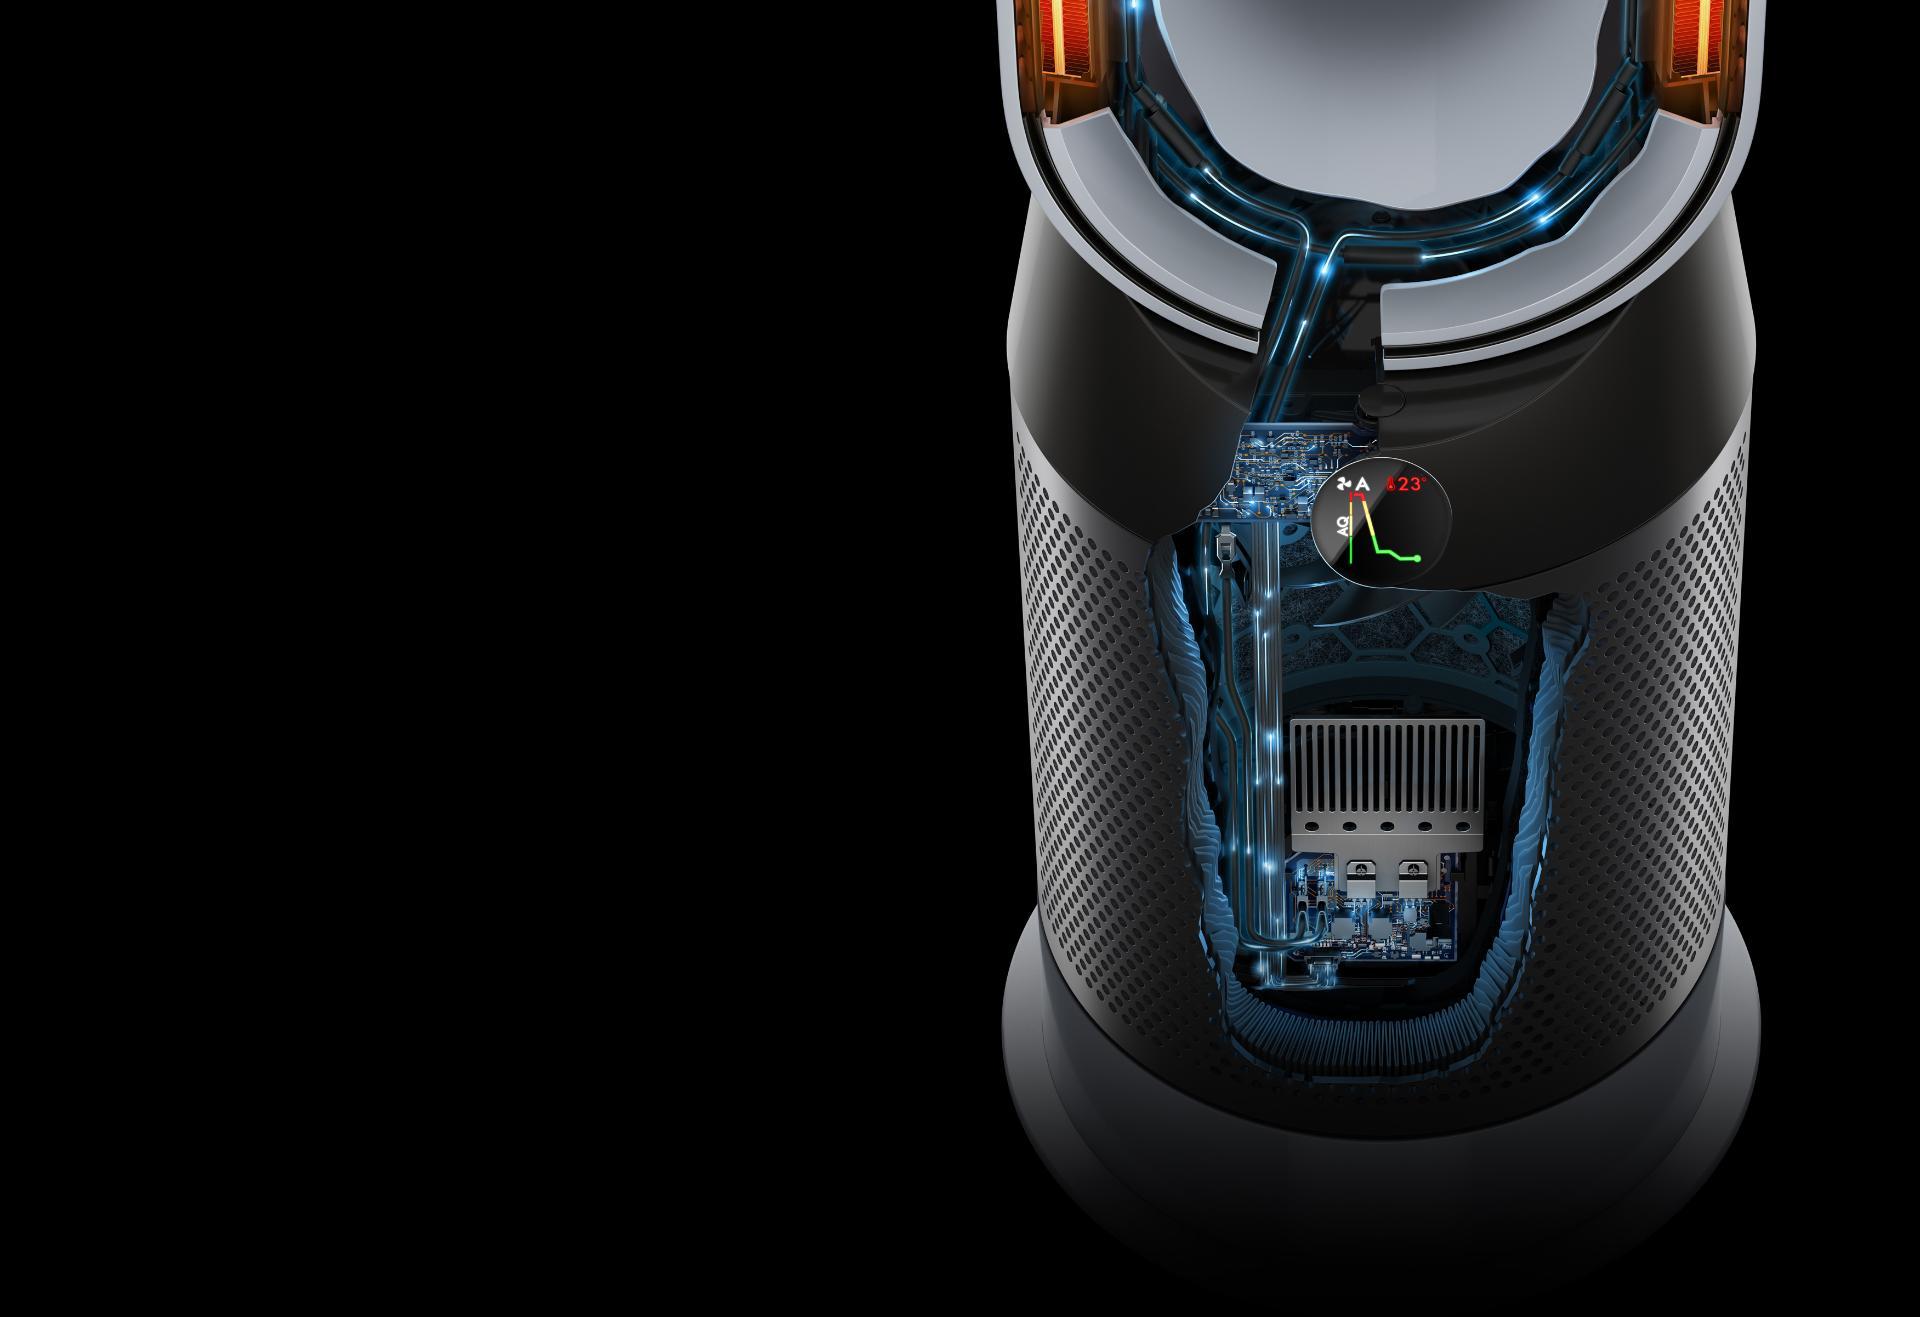 Looking inside the Dyson Pure Hot+Cool purifier fan heater